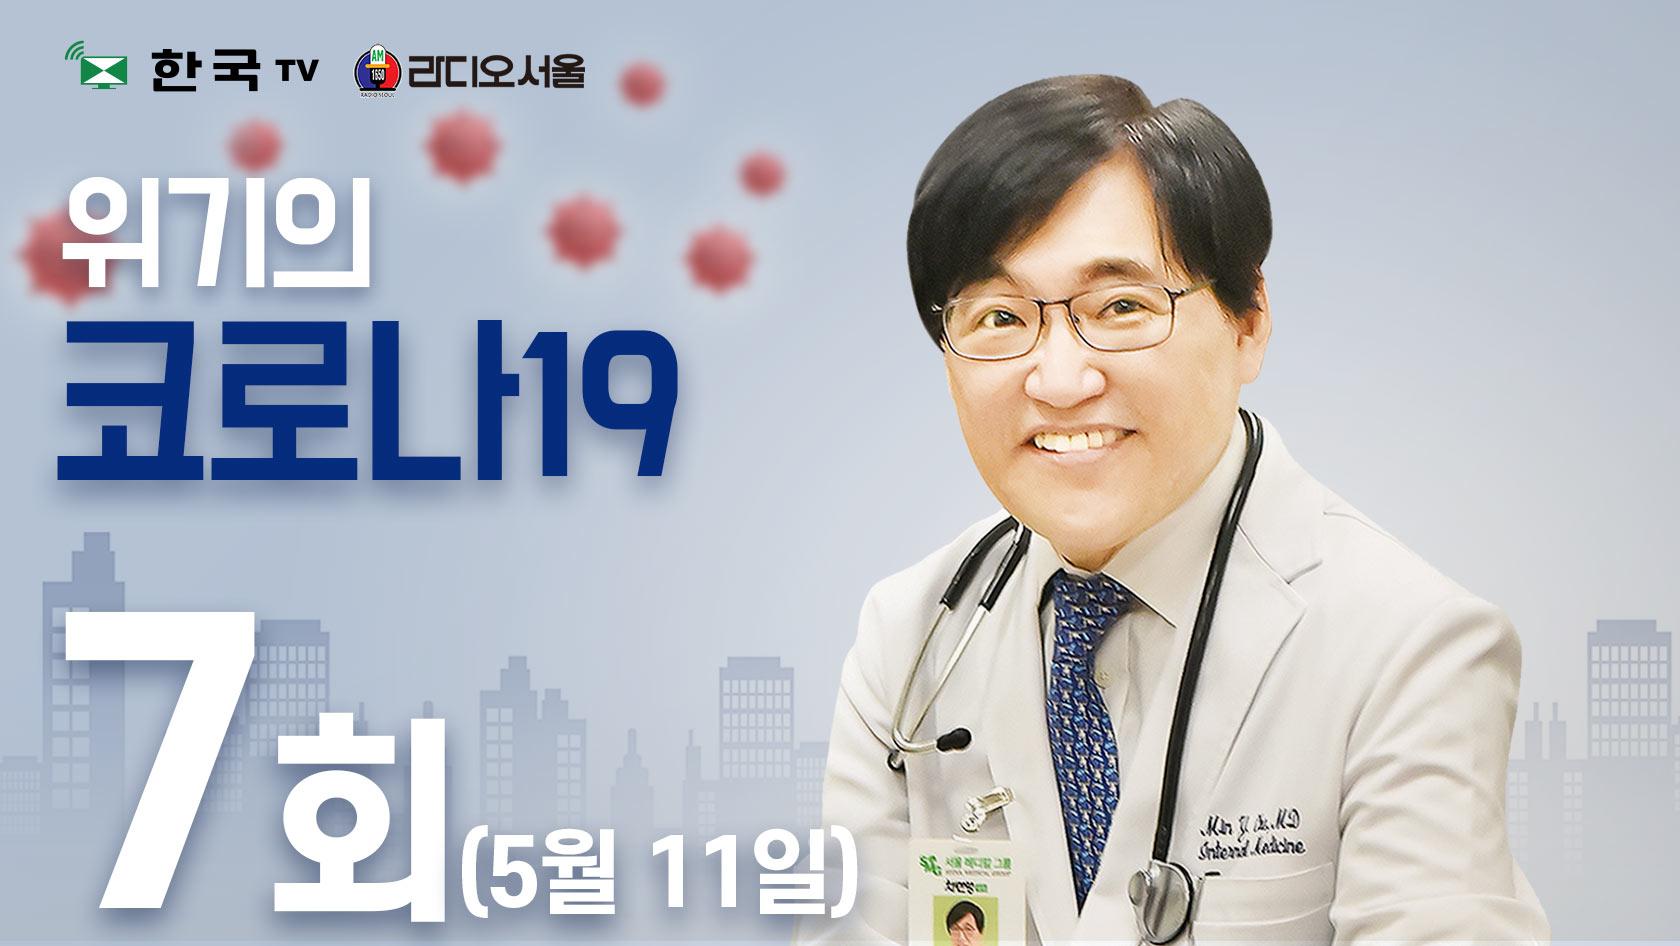 [차민영 박사] - 7회 위기의 코로나19 코로나 19 어떻게 대처해야하나?(05.11.20)